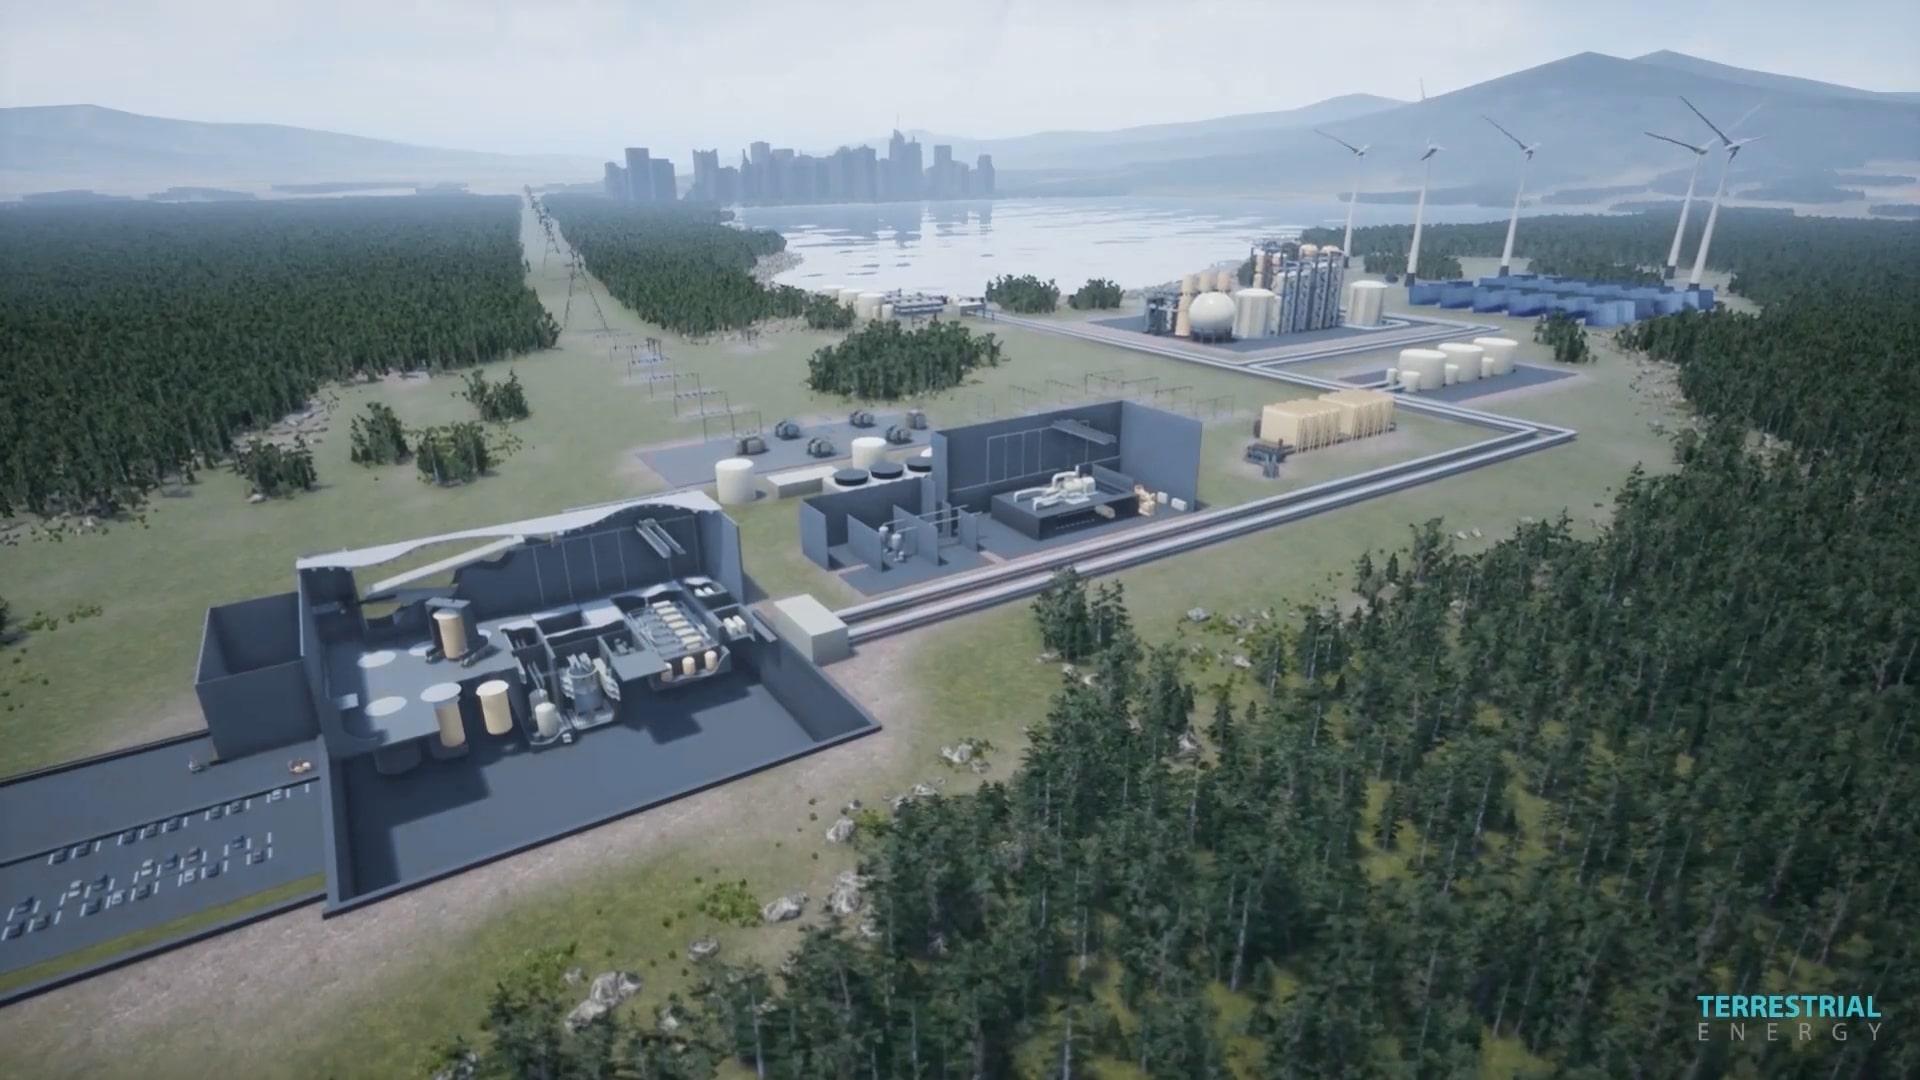 Terrestrial Energy: моделирование жидкосолевого ядерного реактора